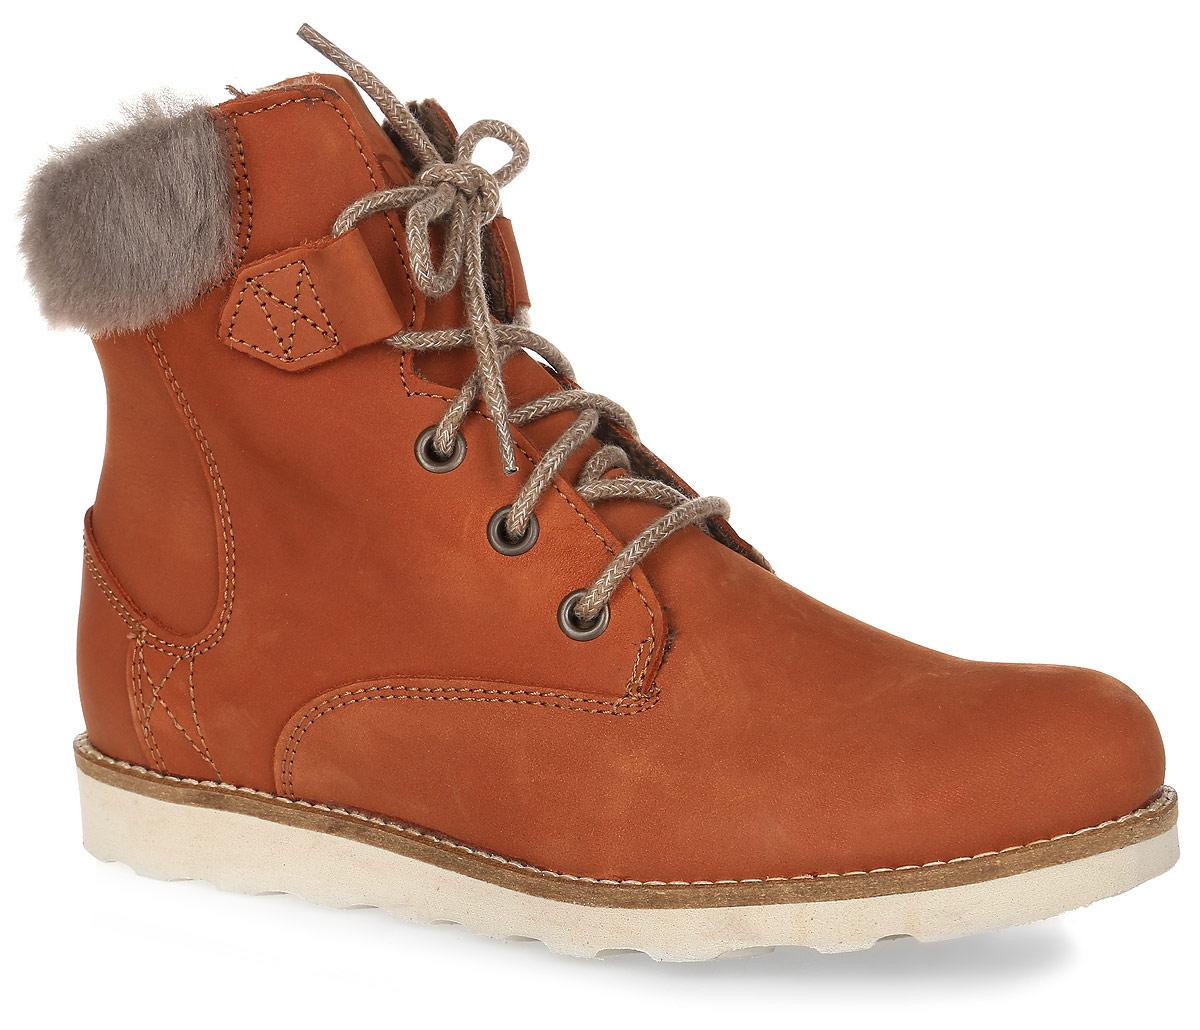 ANAICK-D7079Трендовые женские ботинки Anaick от TBS - модель для ценителей современной качественной обуви! Модель выполнена из натурального нубука и на голенище дополнена искусственным мехом. Внутренняя поверхность и стелька из кожи обеспечат комфорт и уют вашим ногам. Прочная резиновая подошва гарантирует длительную носку и сцепление с любой поверхностью. Классическая шнуровка надежно фиксирует обувь на ноге.